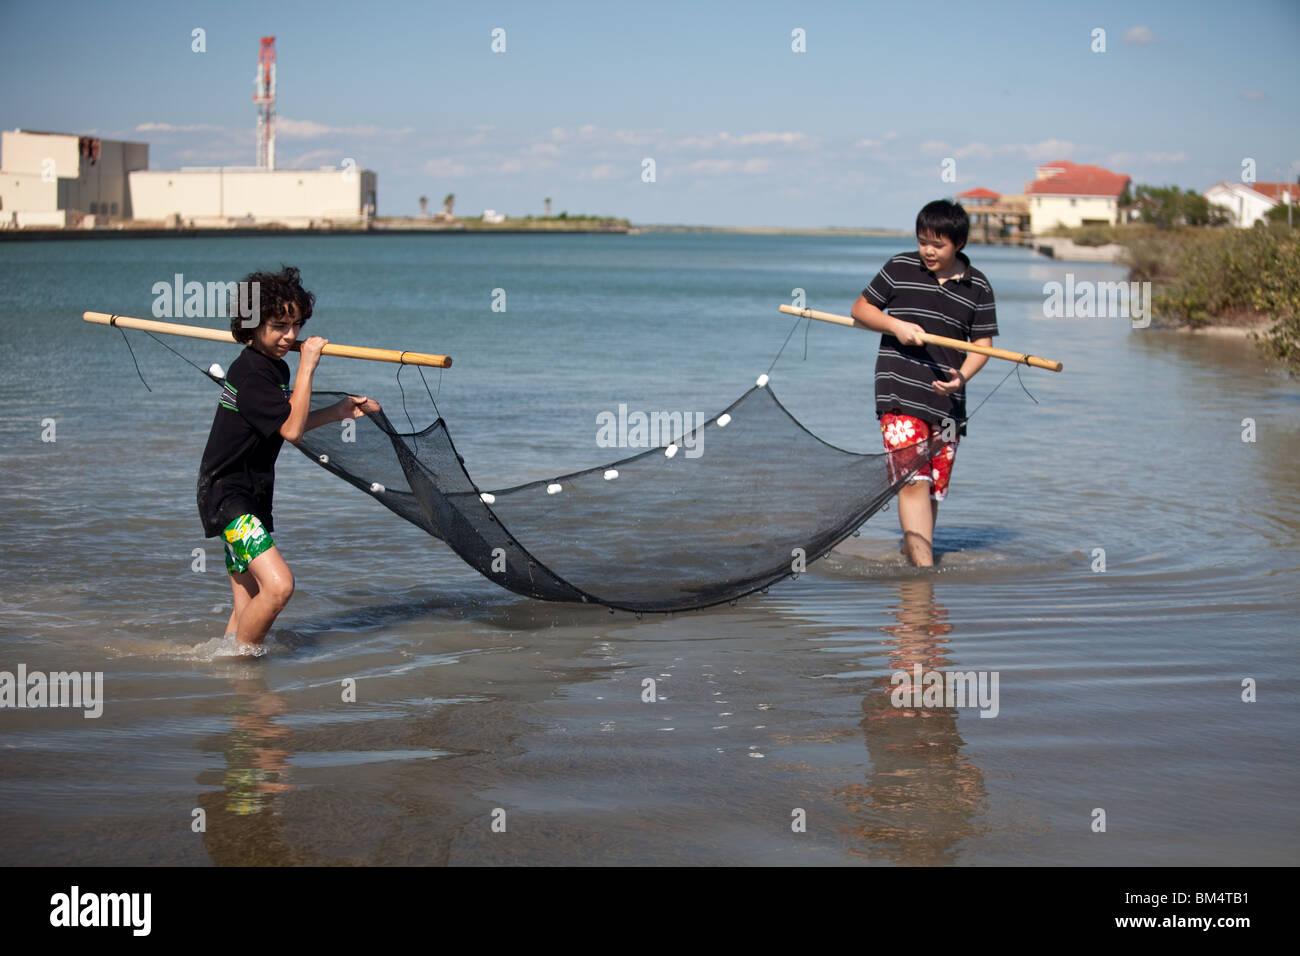 Dos muchachos de la escuela secundaria recoger la vida vegetal y animal de Corpus Christi Bay durante un viaje de Imagen De Stock